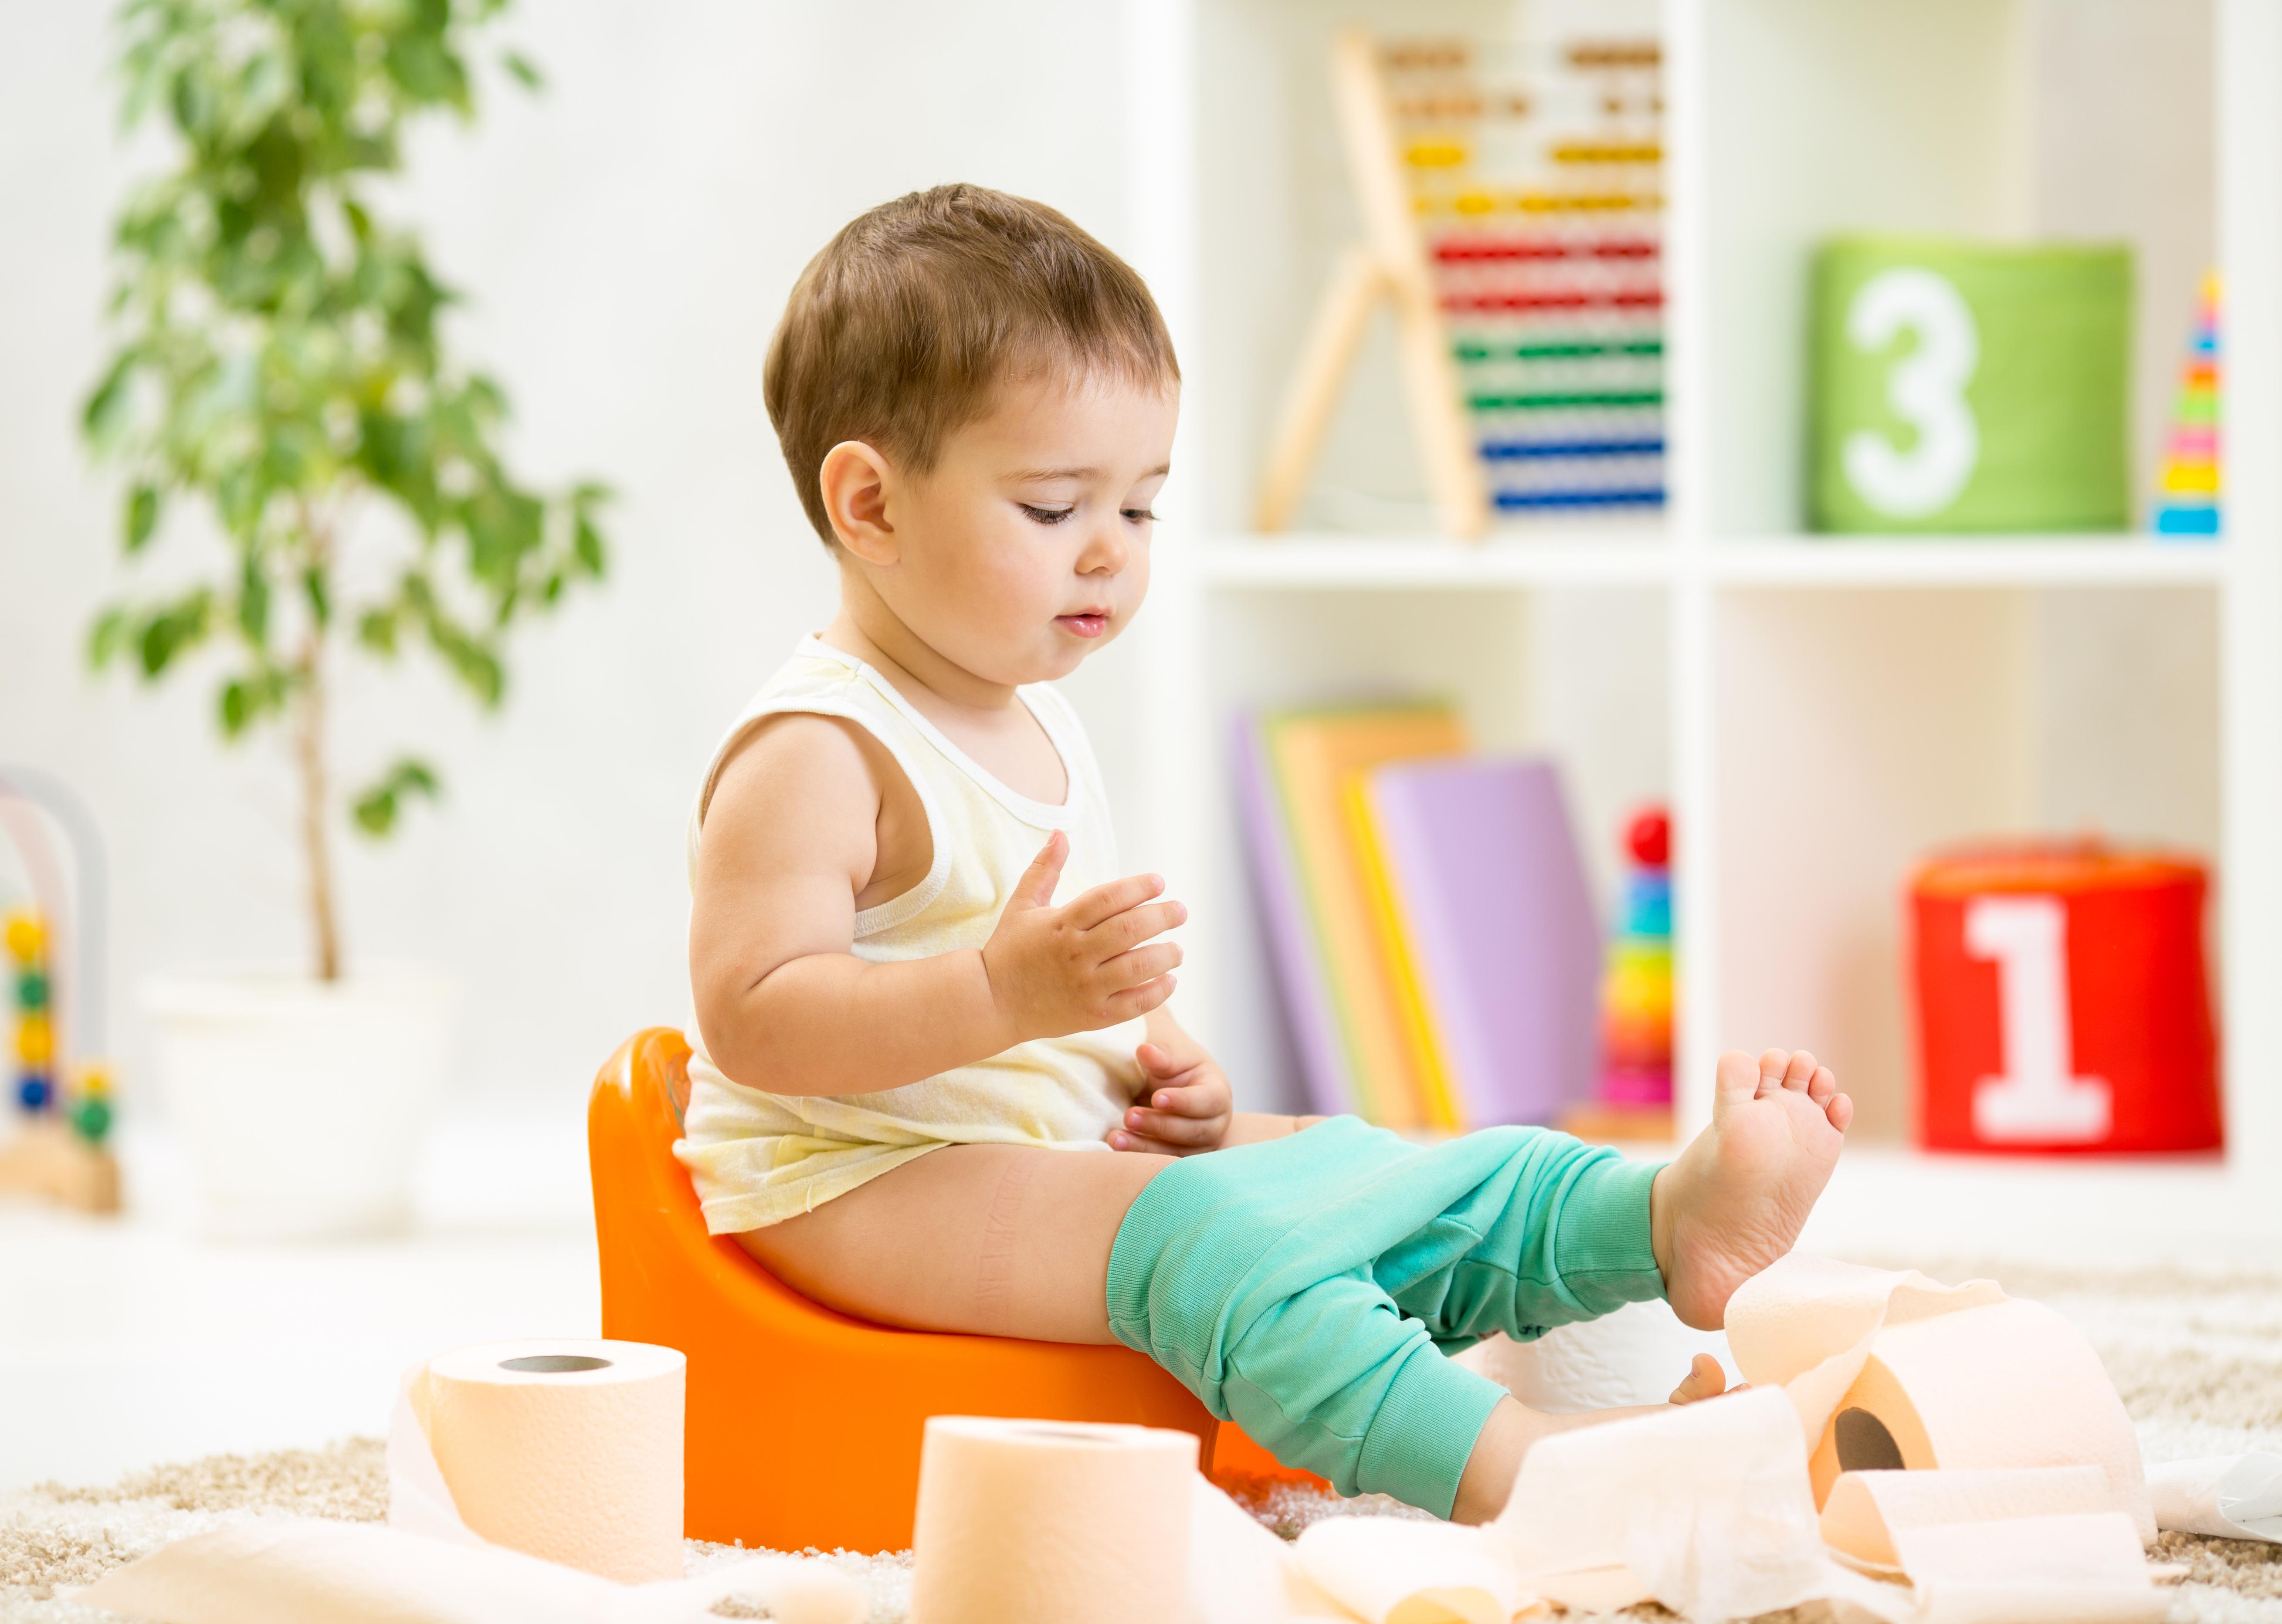 Förstoppning hos barn innebär att barnet bajsar mindre än 3 gånger per vecka och kan orsaka smärtor och obehag.